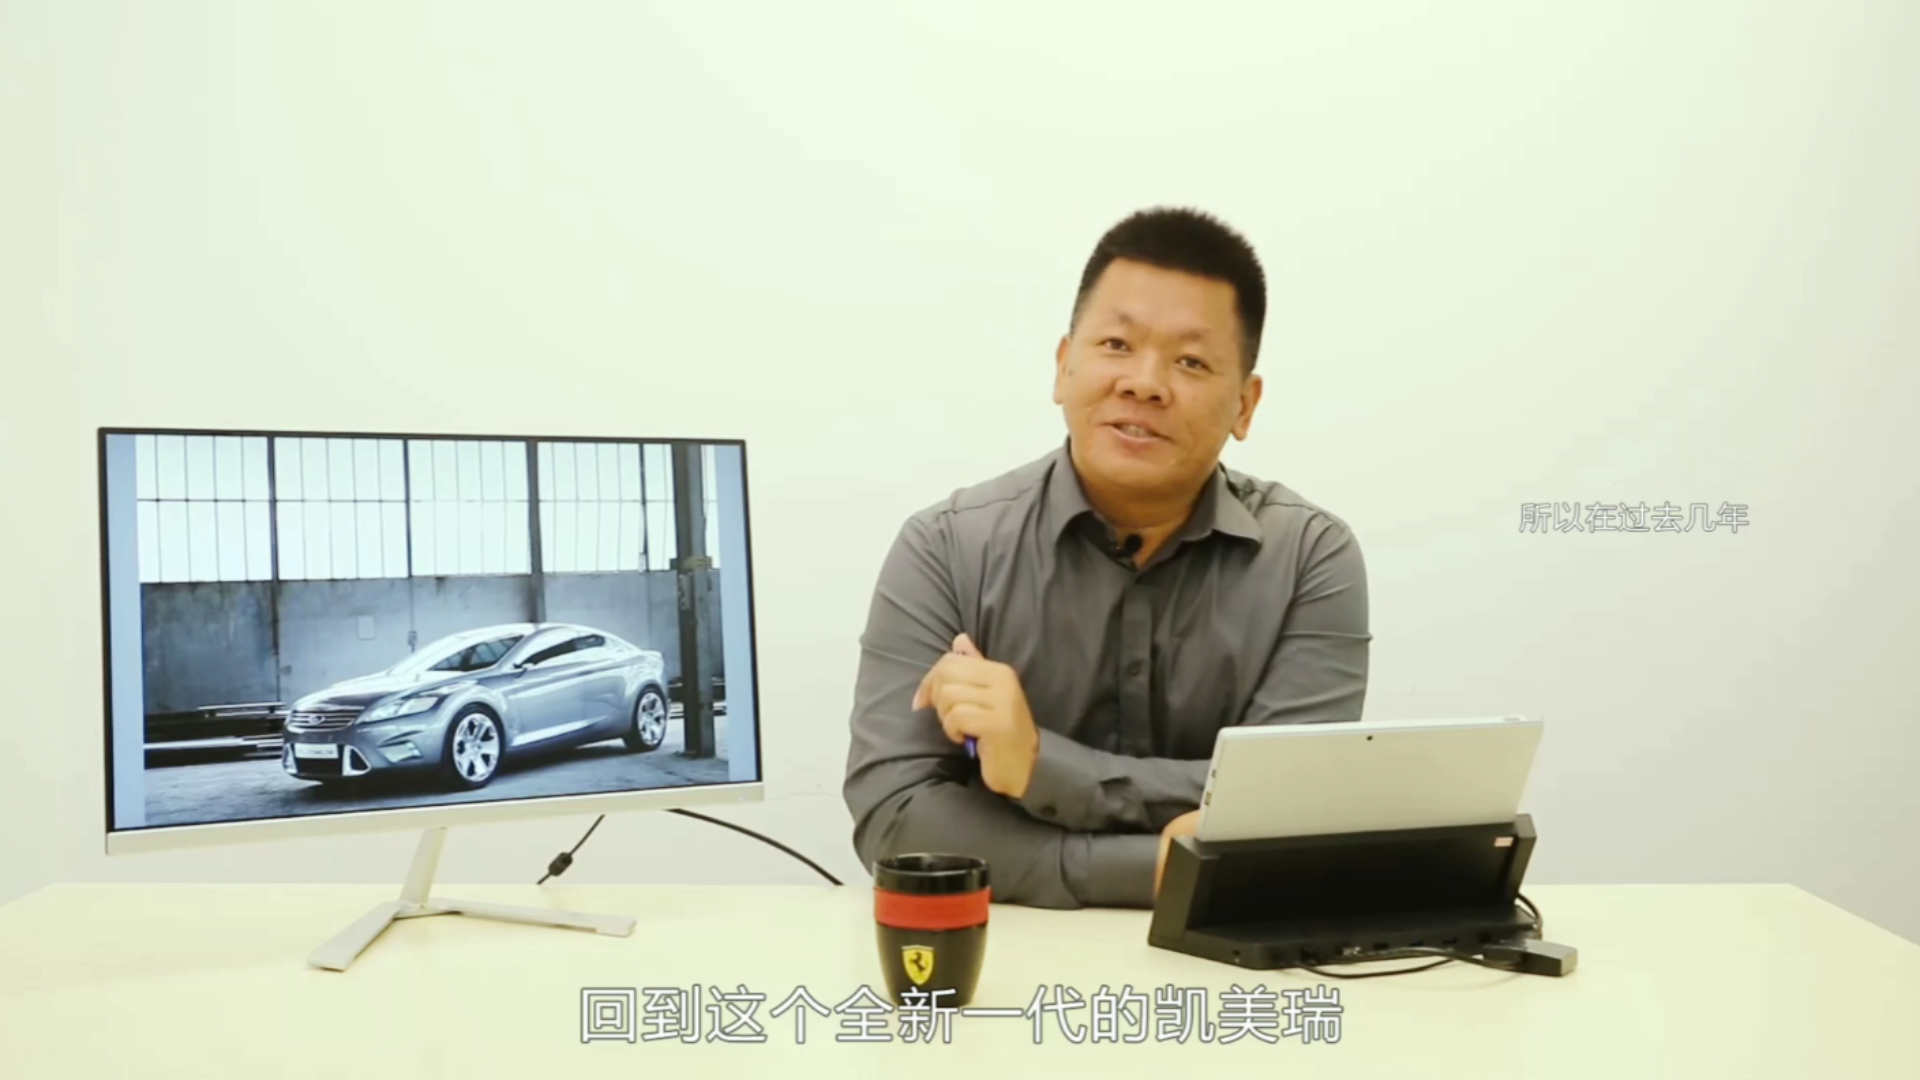 《政政有词》第一期:大头义跟你讲讲丰田凯美瑞和福特蒙迪两款热门中型车的来...